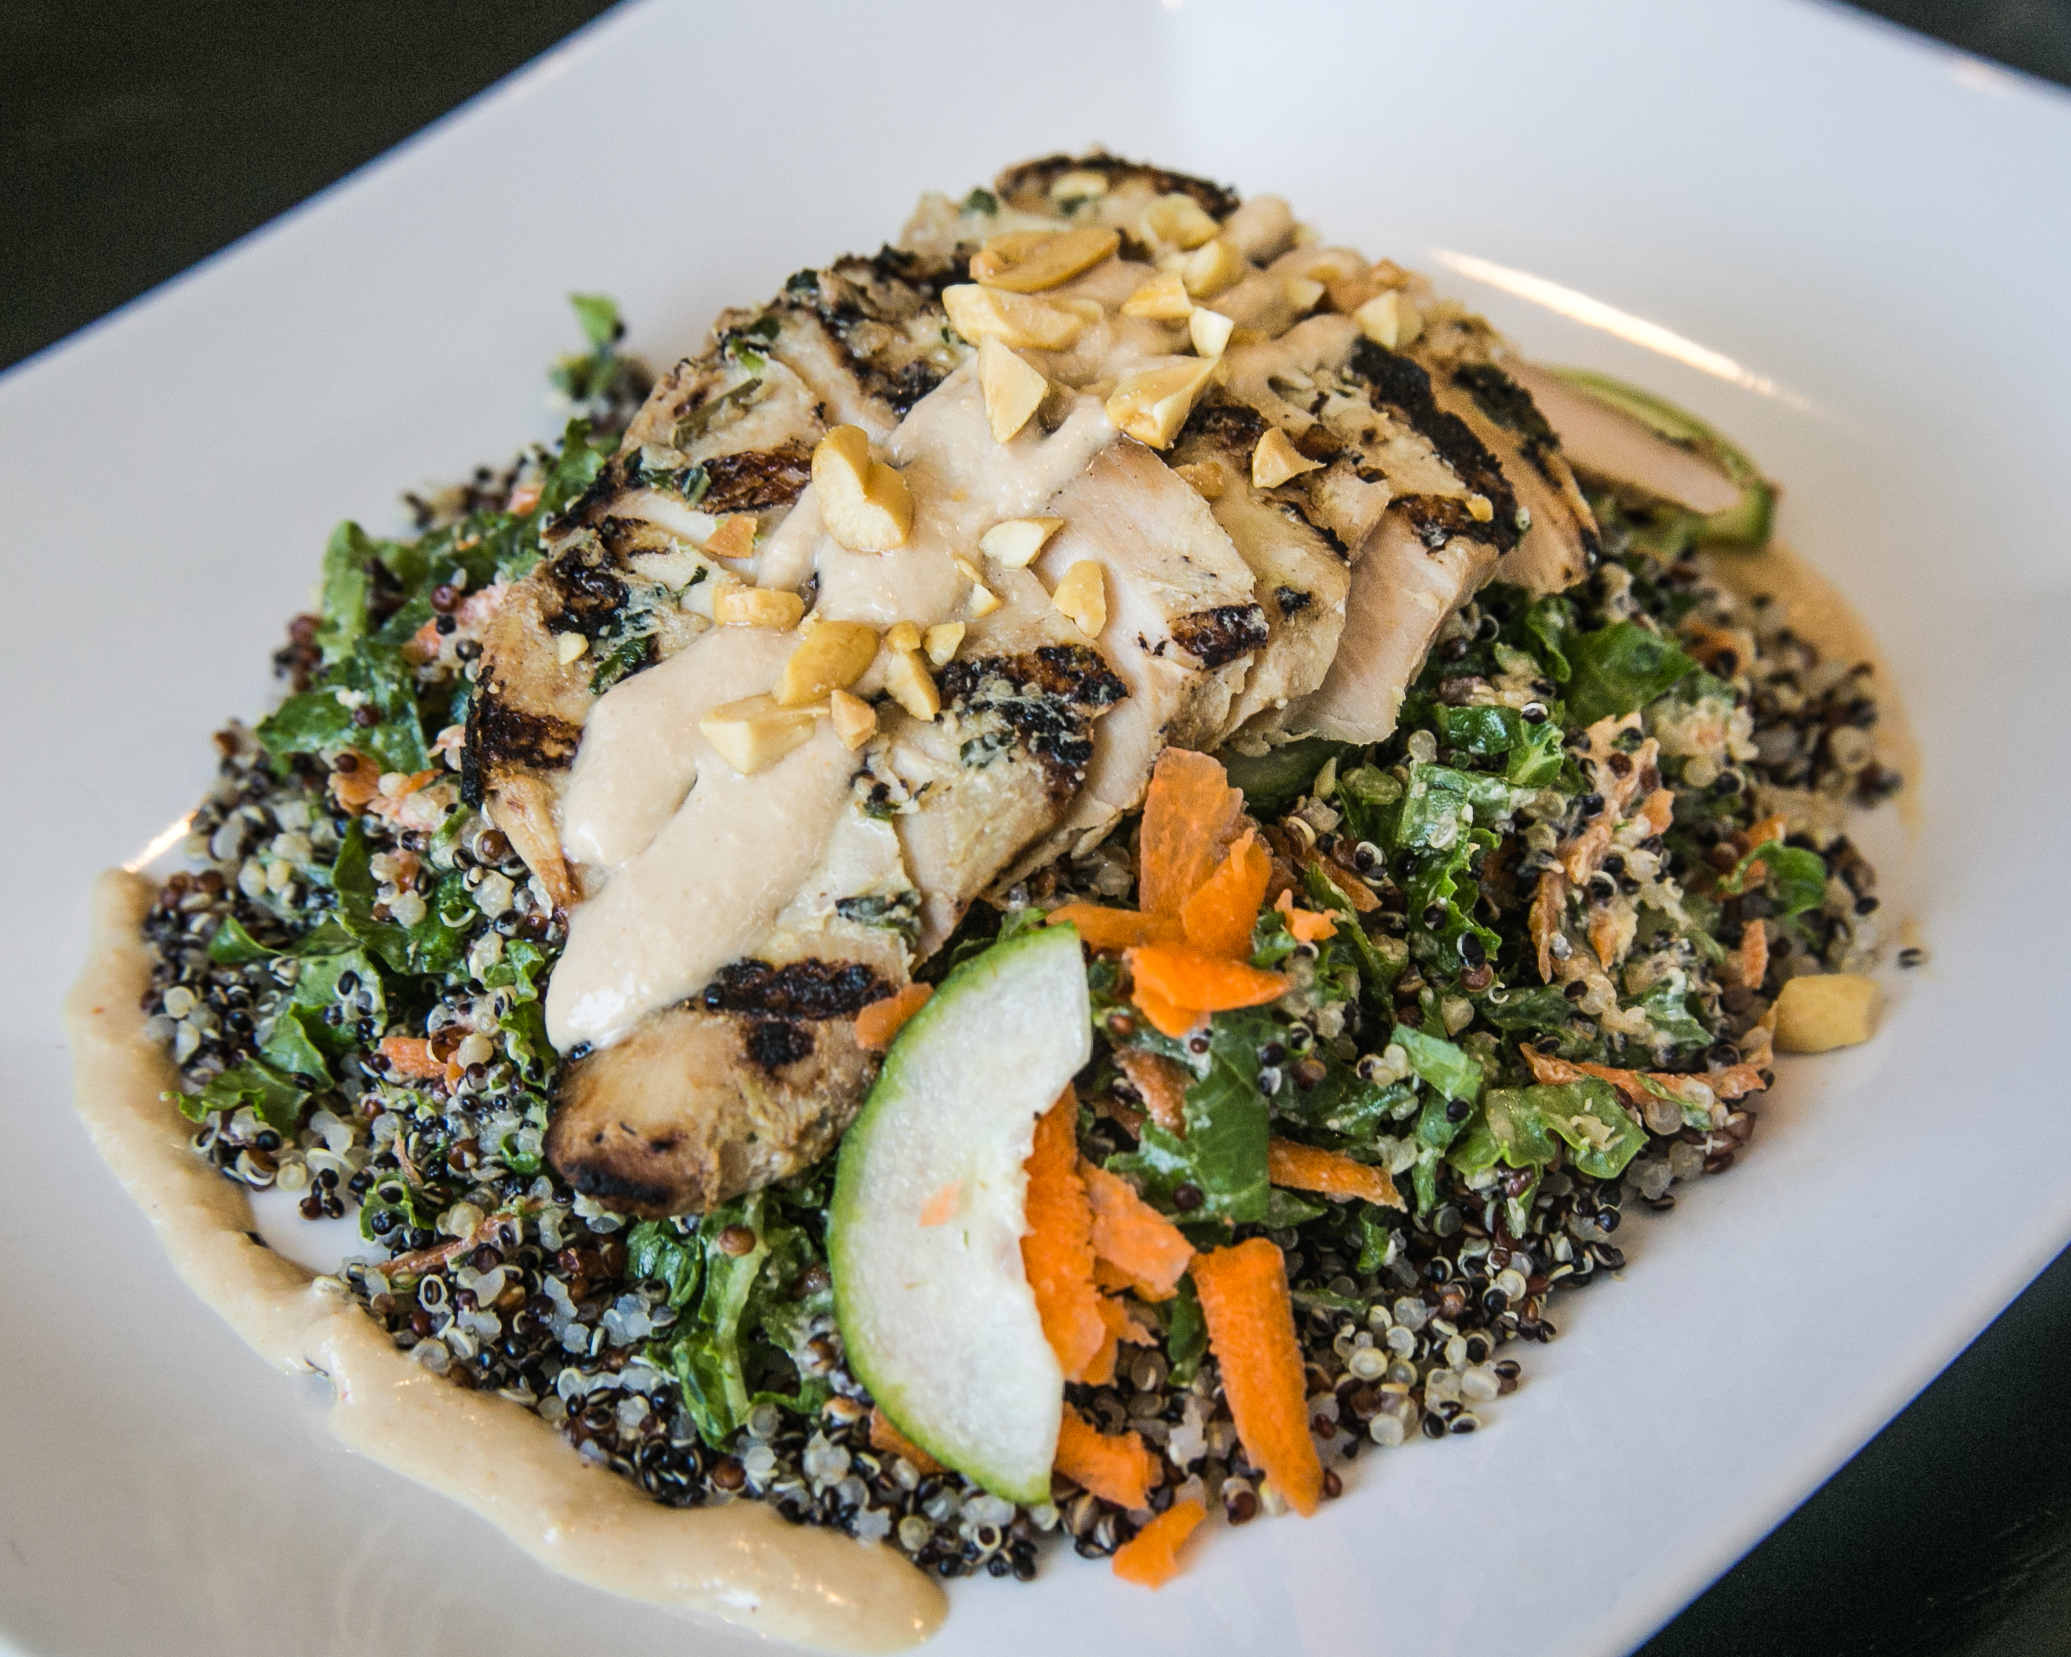 Avanzar Smoothies_Thai Chicken Quinoa Platter_native-5.jpg